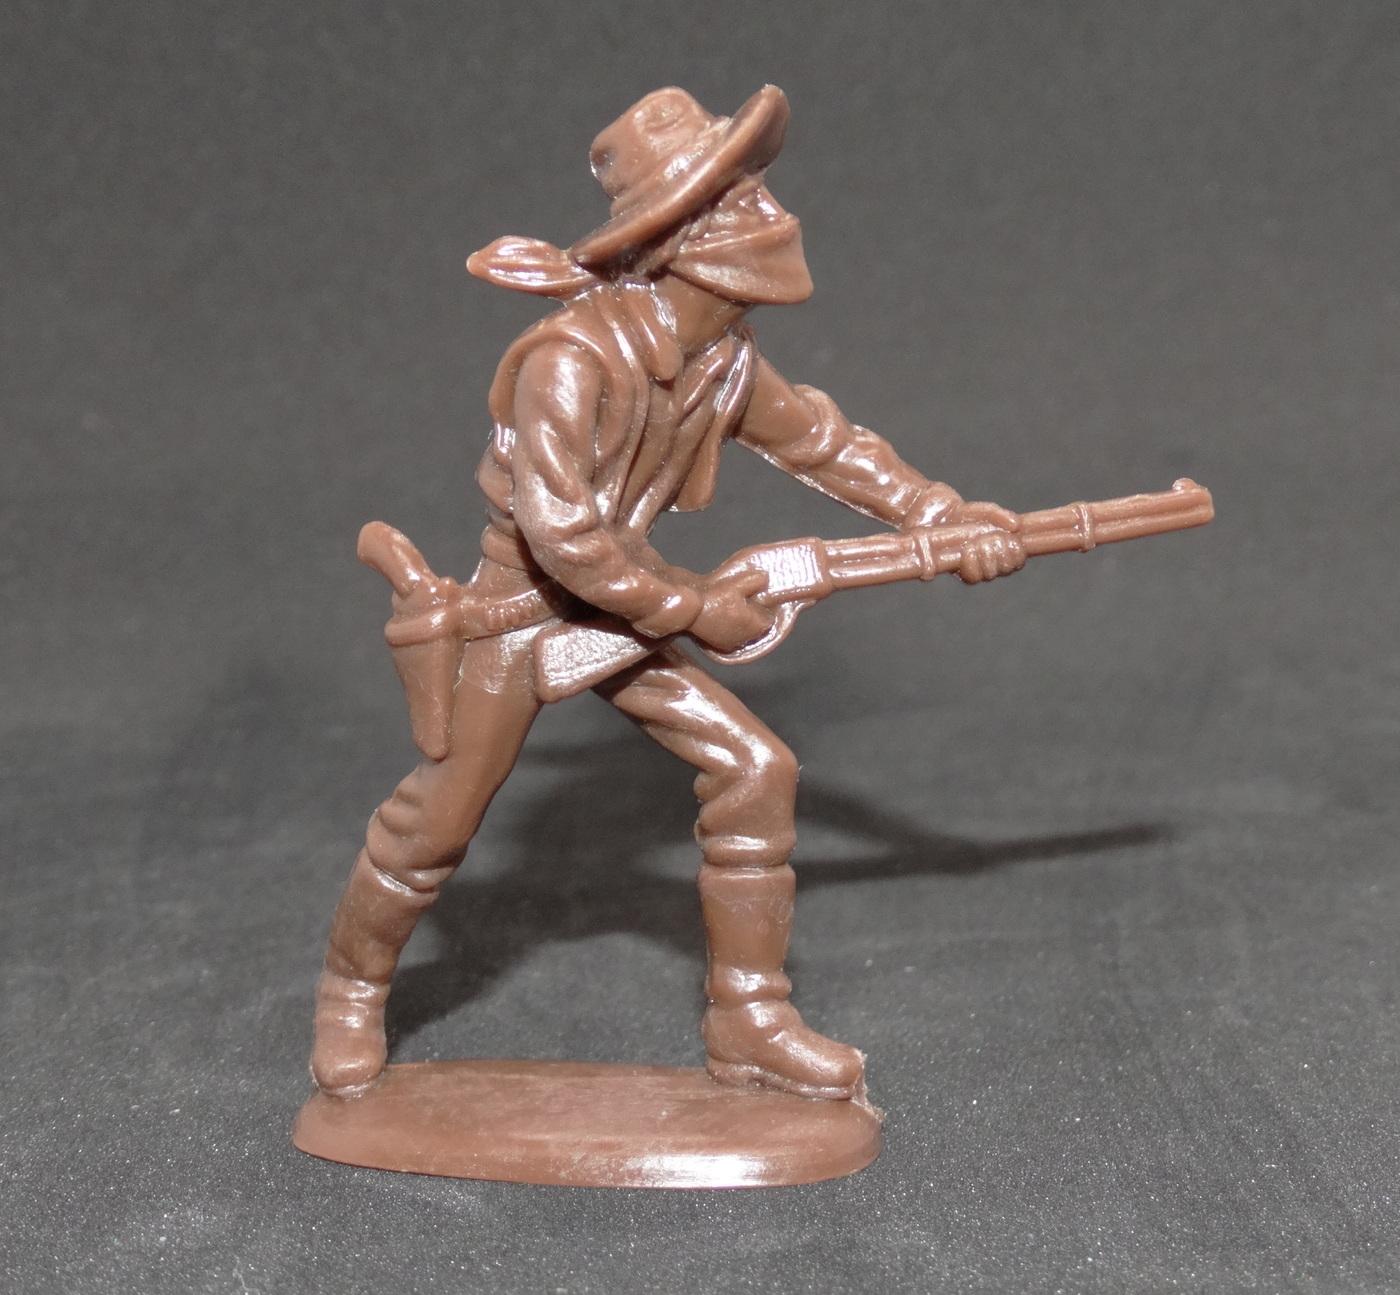 Atlantic Cowboy